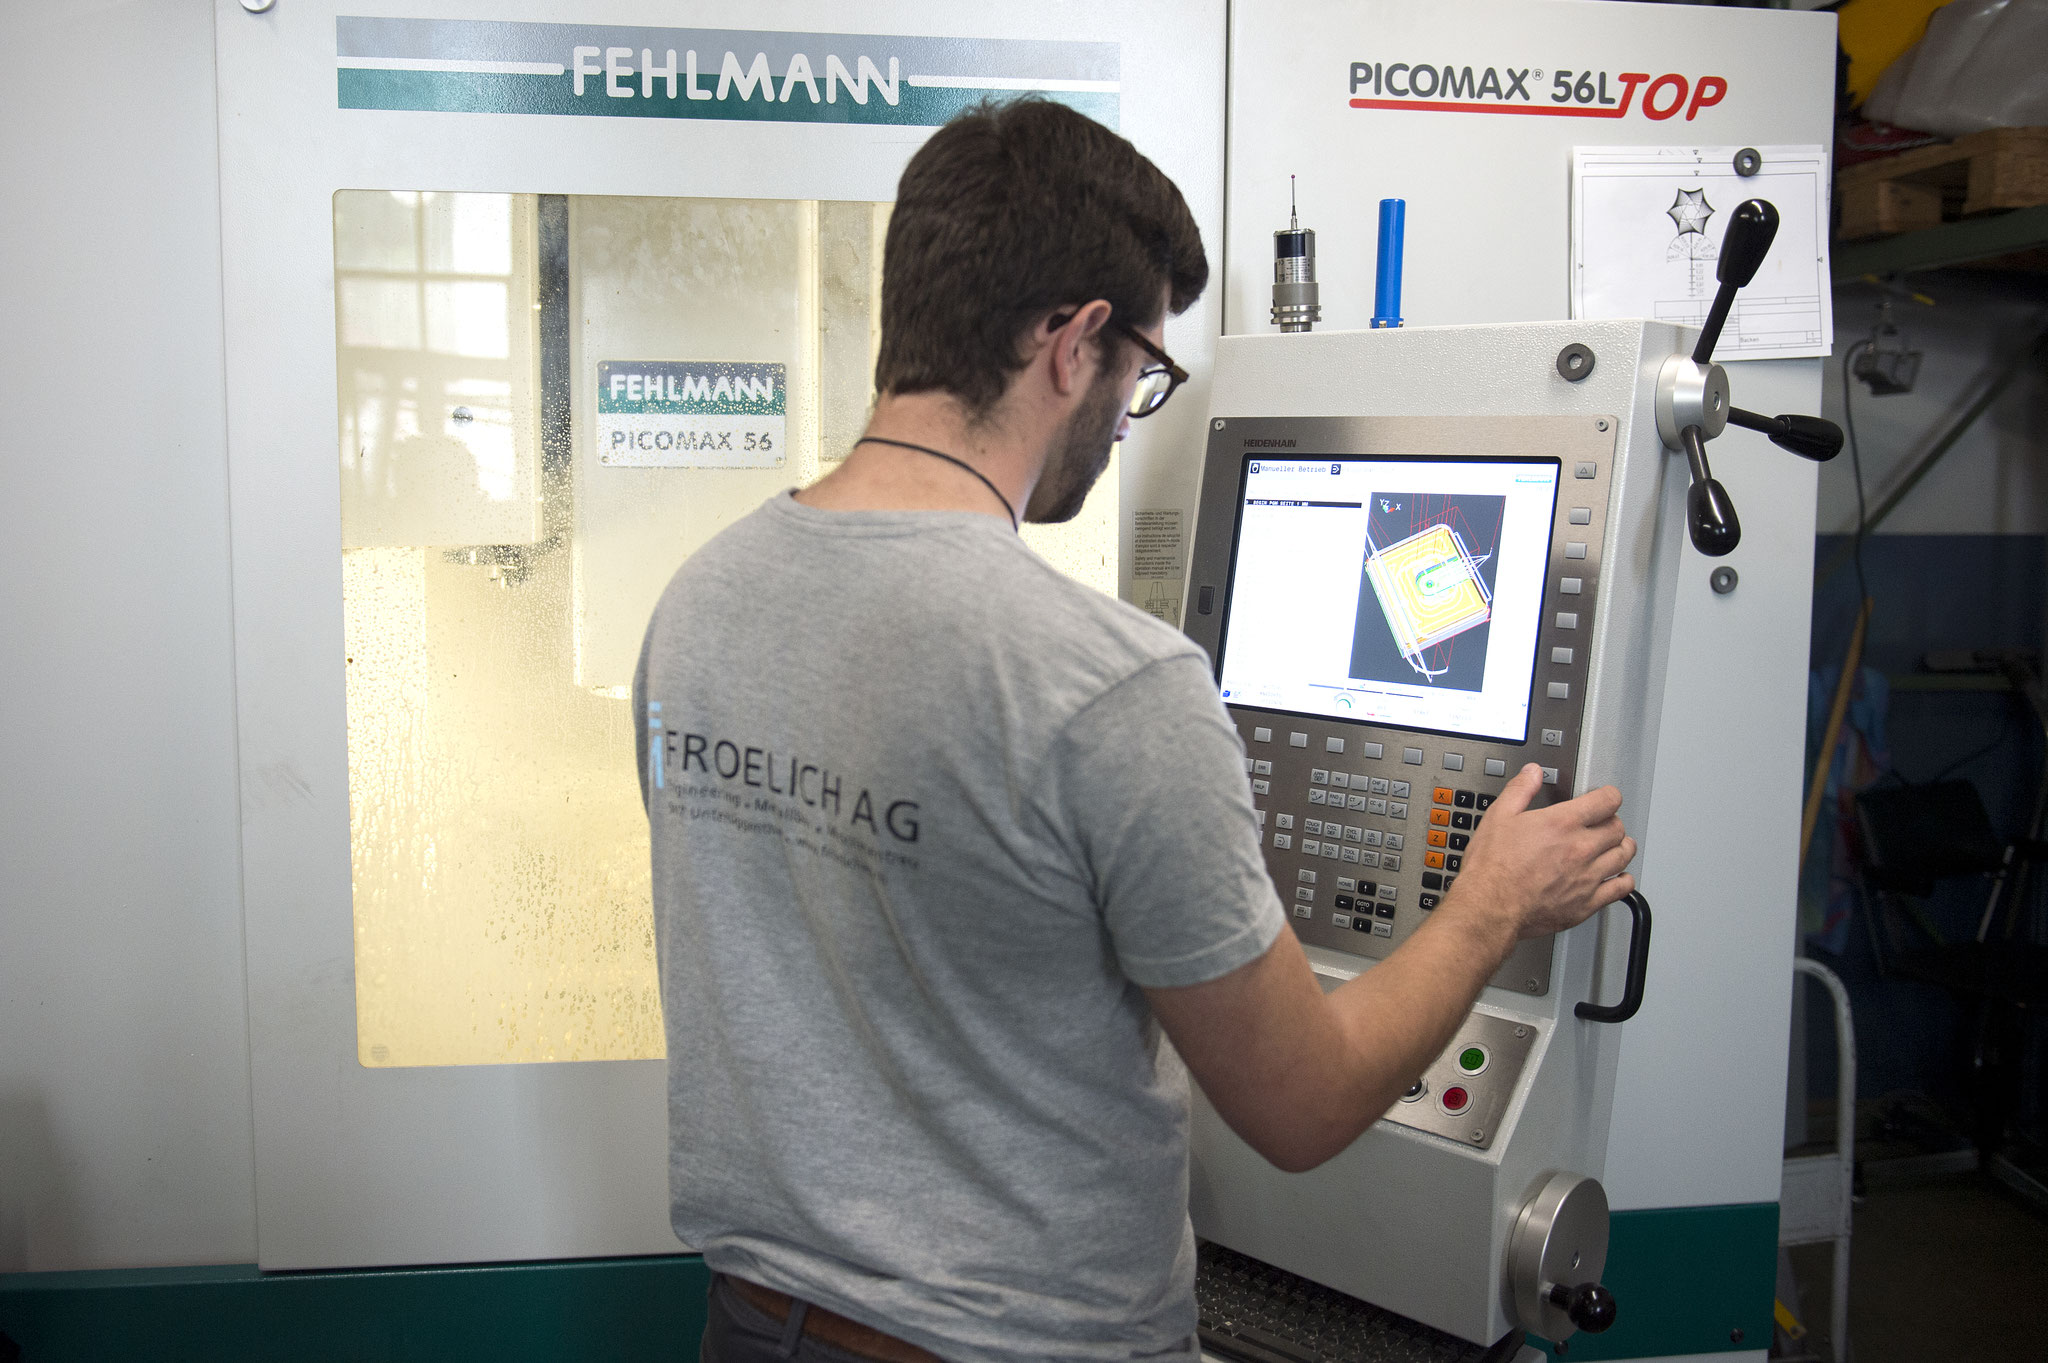 Fertigen und Programmieren an der Maschine